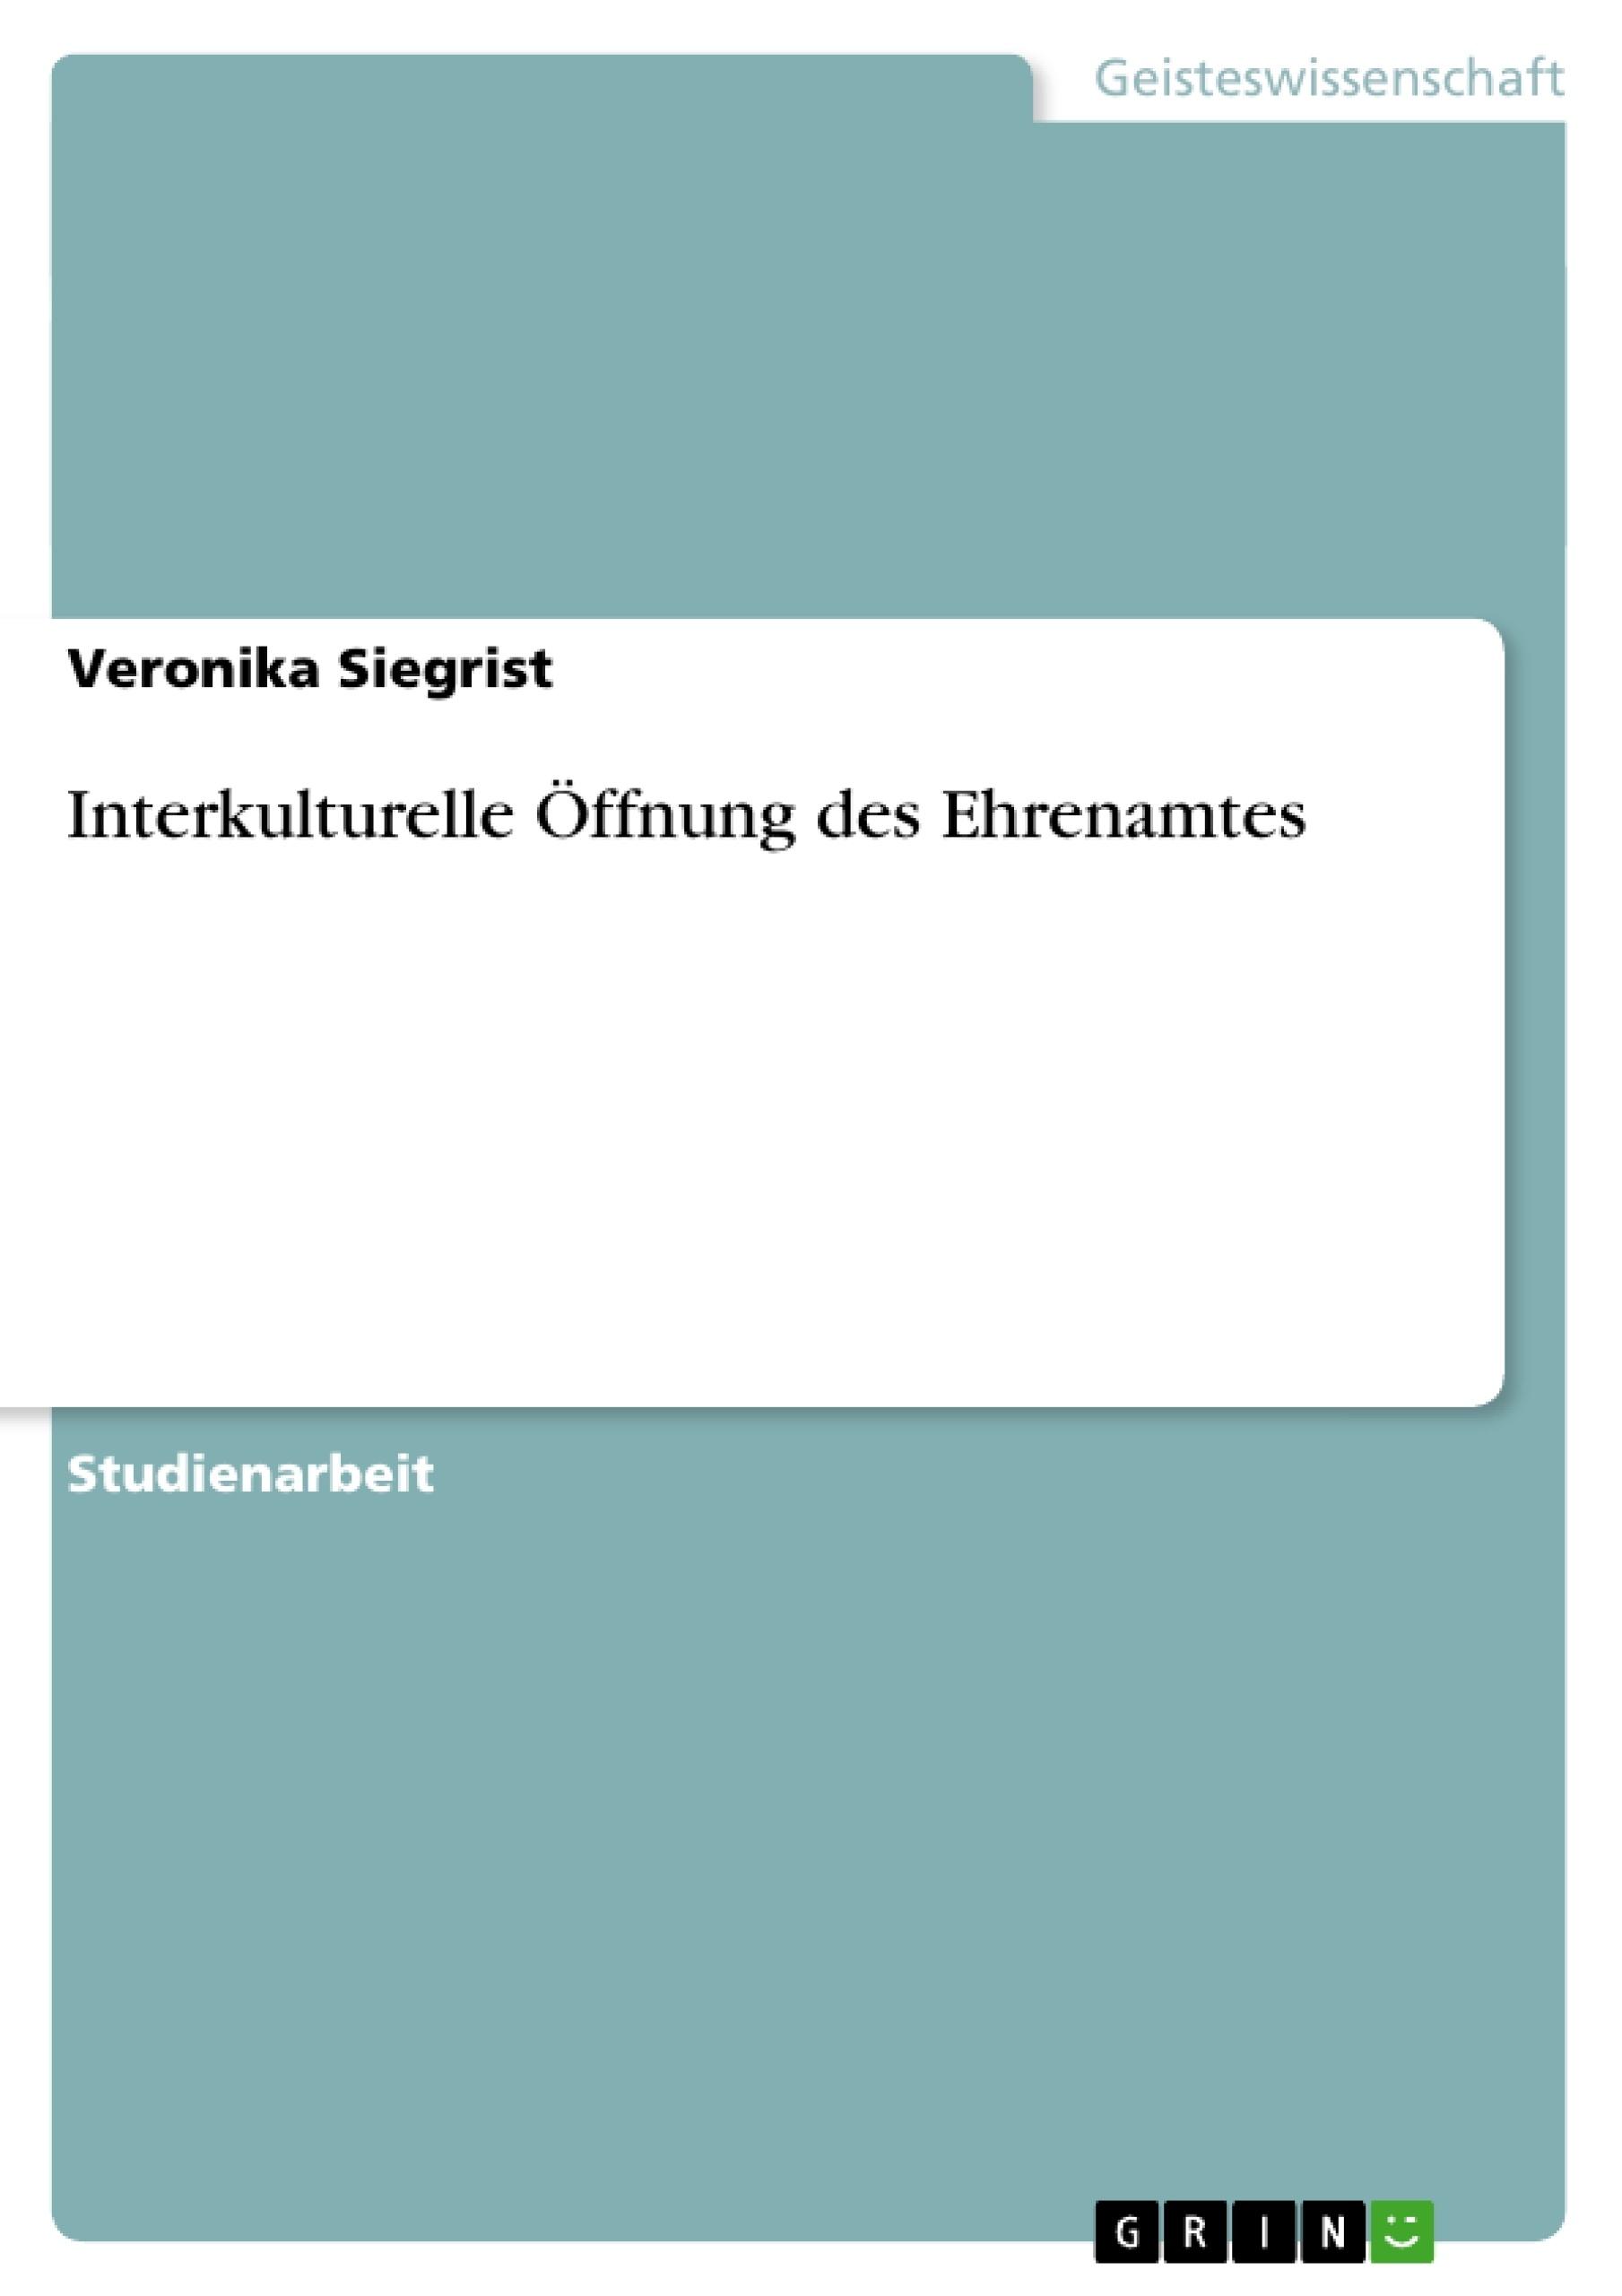 Titel: Interkulturelle Öffnung des Ehrenamtes